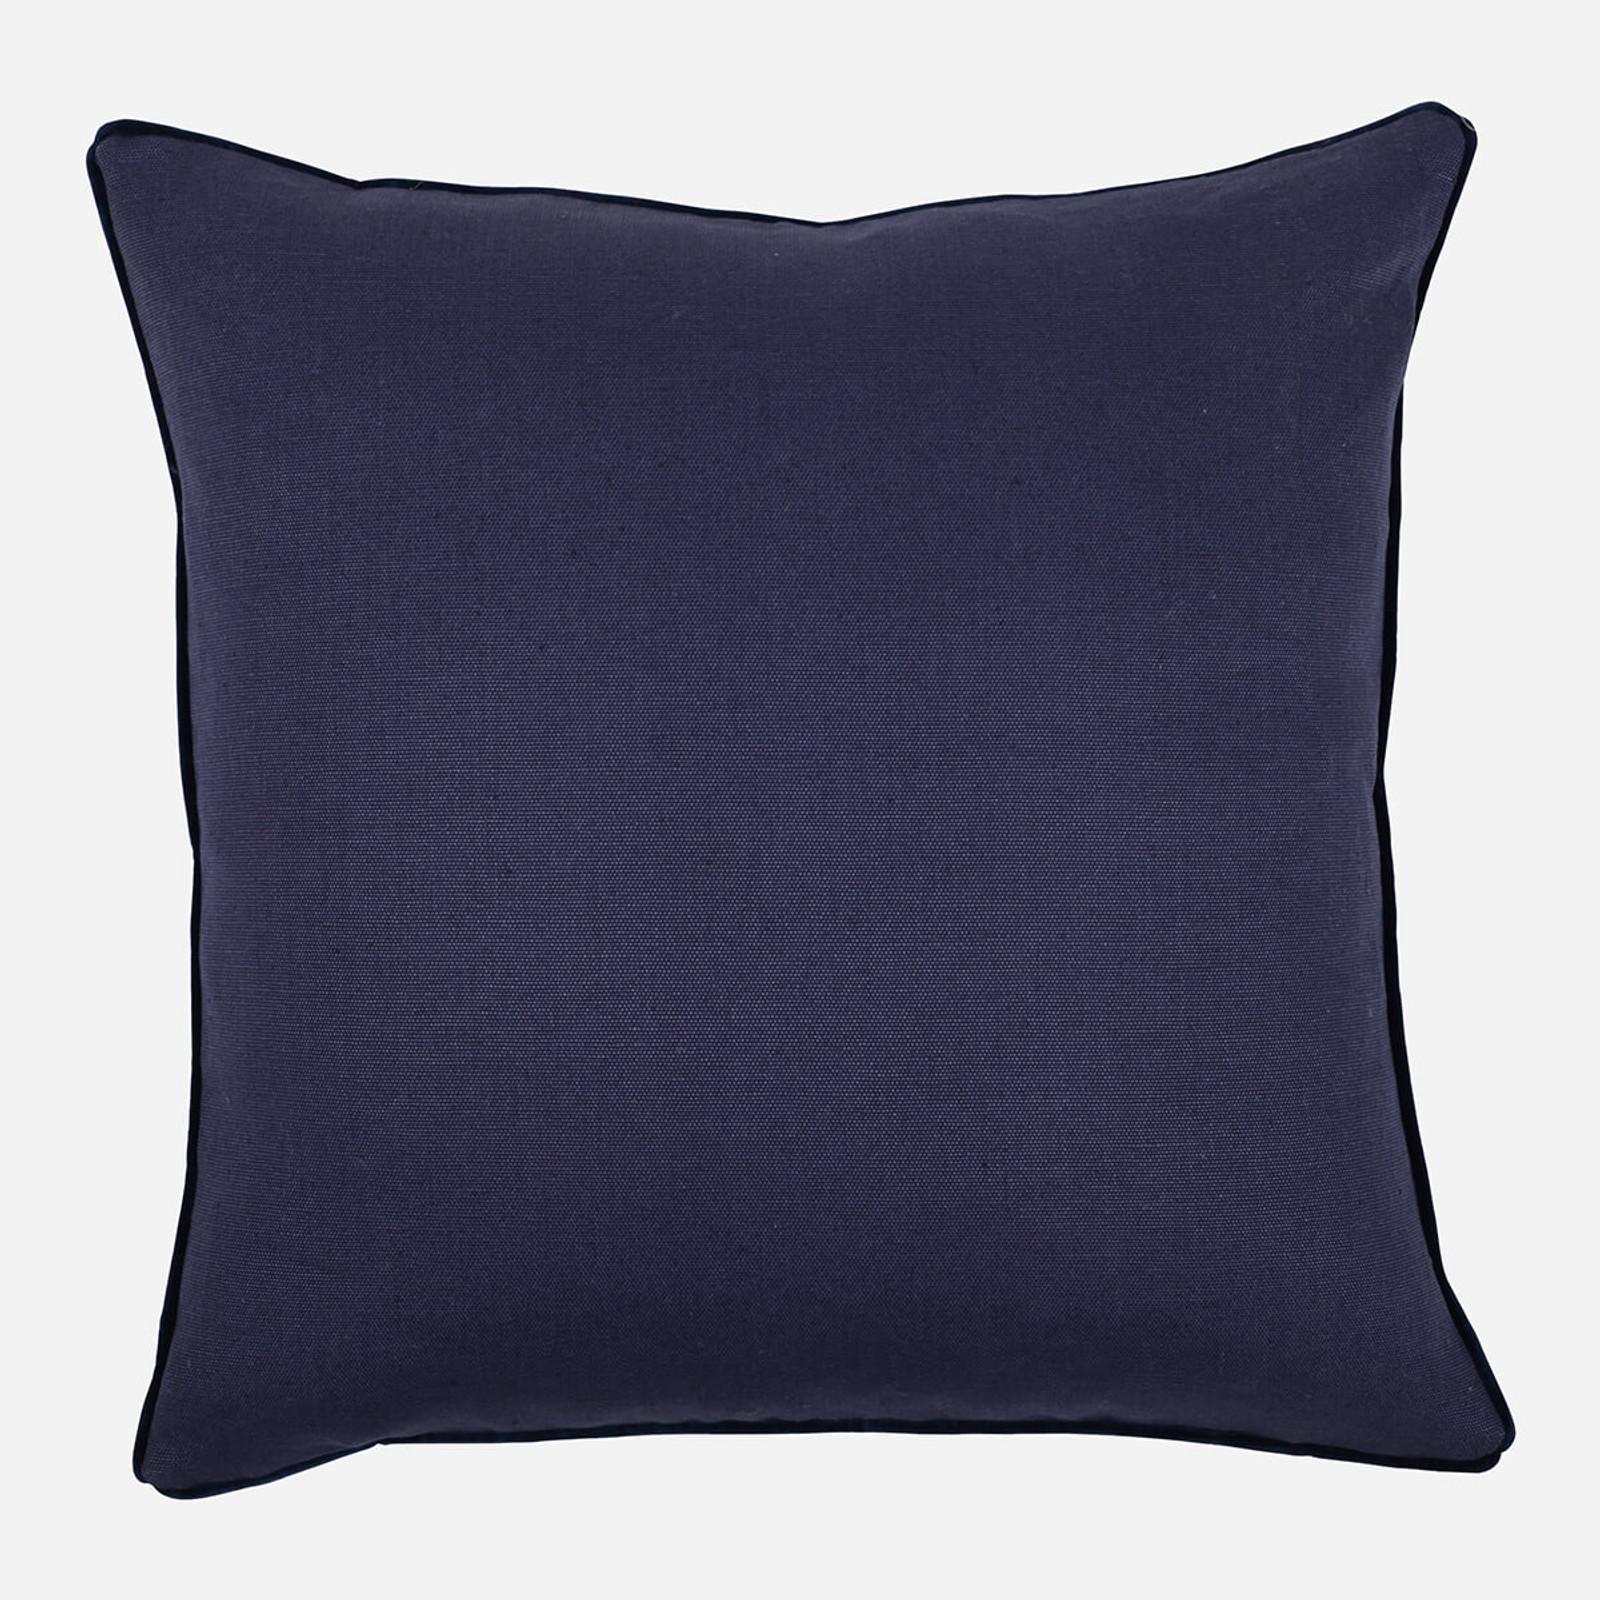 Navy Linen with Velvet Pipe 22 x 22 Pillow